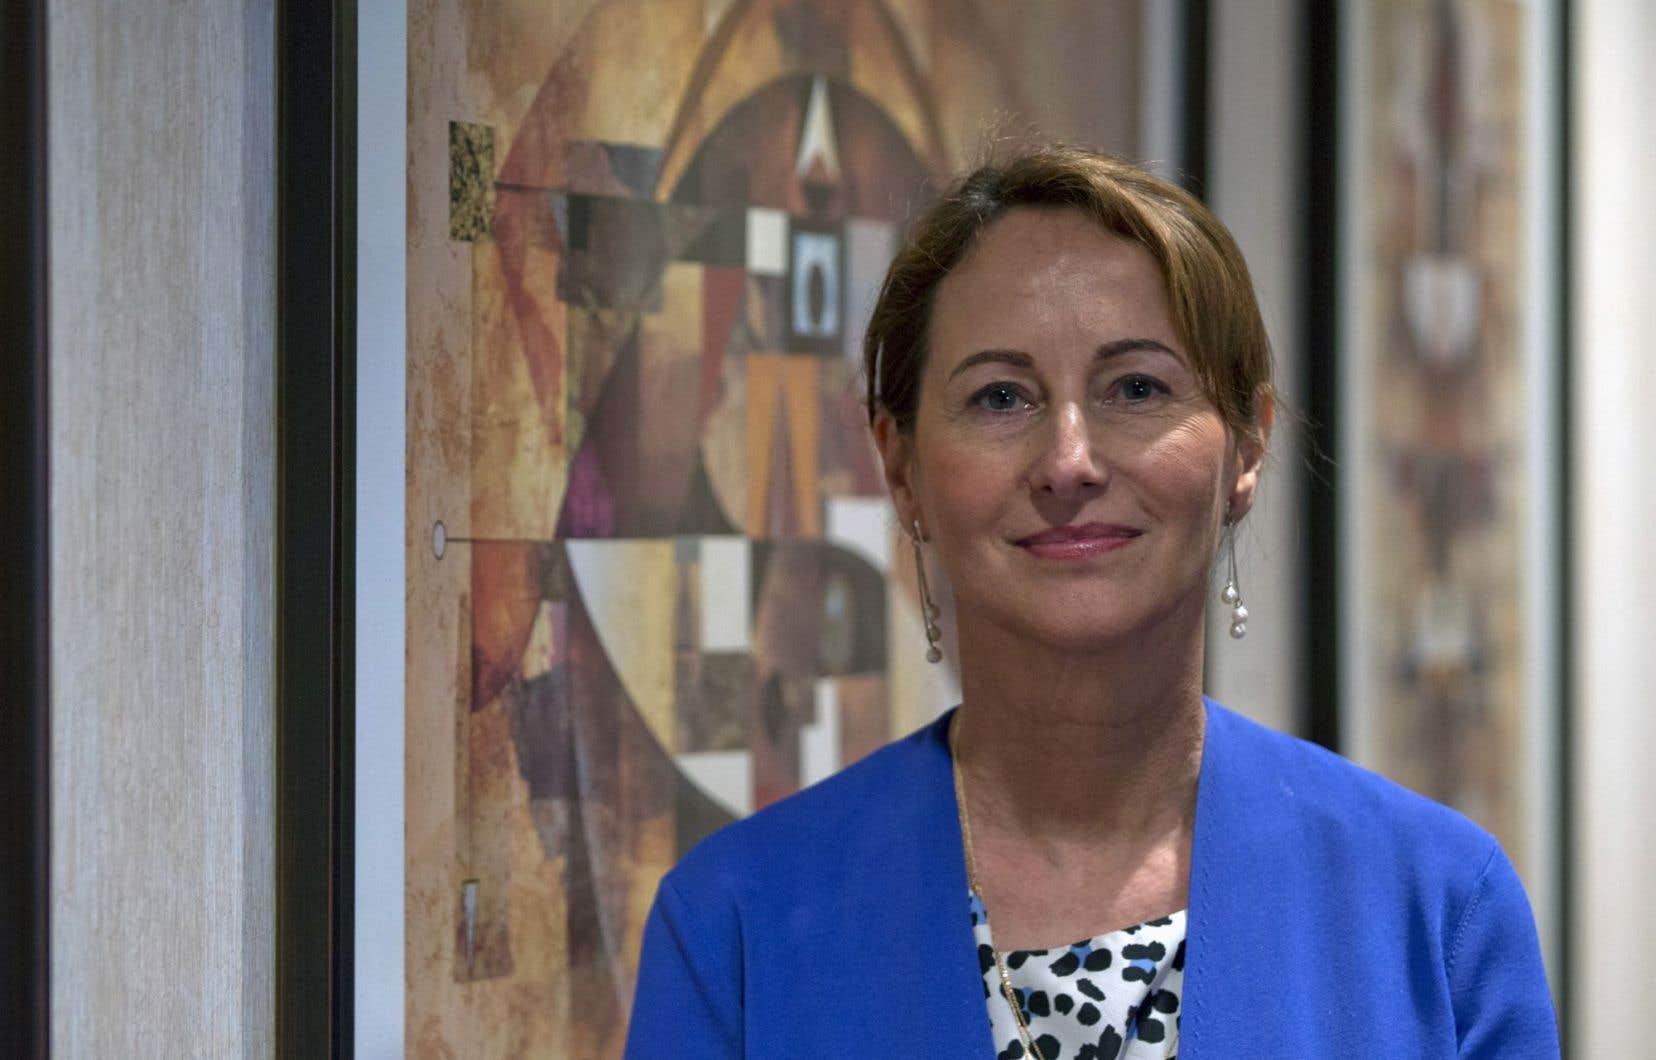 La ministre française de l'Environnement, Ségolène Royal, presse tous les pays de prendre conscience de «l'urgence climatique».